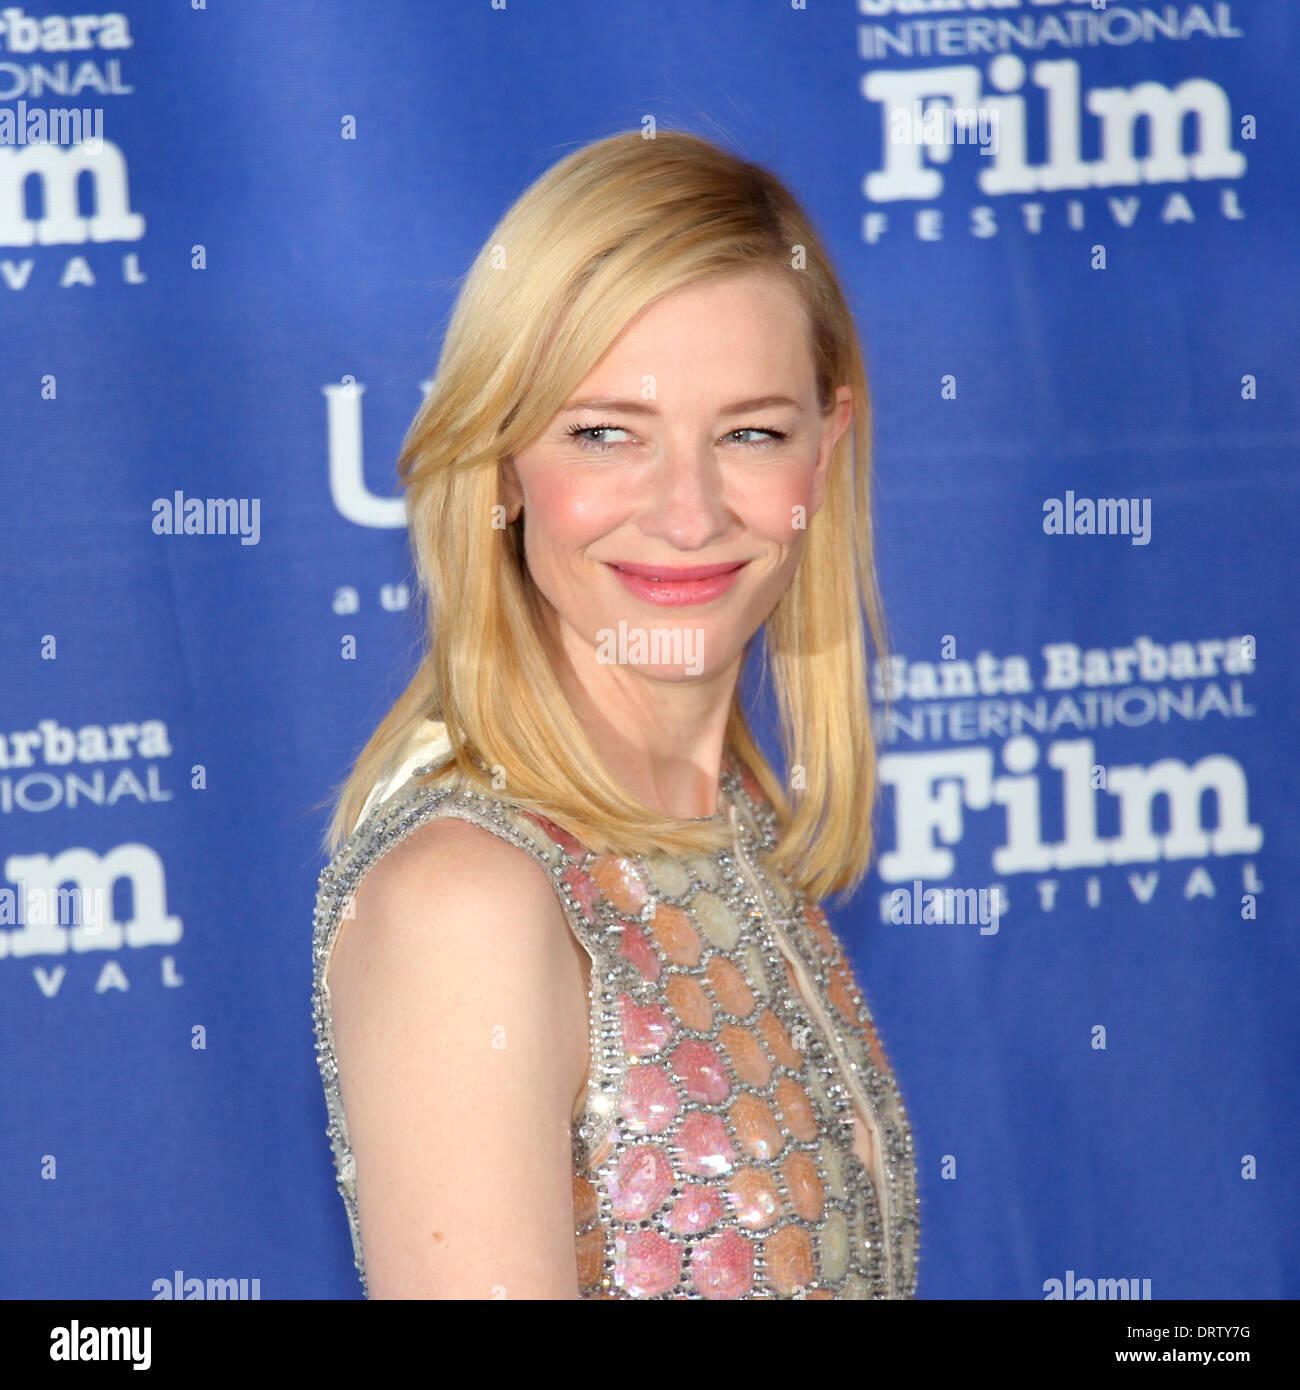 1 de Feb, 2014 El Festival Internacional de Cine de Santa Bárbara presenta la actriz Cate Blanchett con el Imagen De Stock